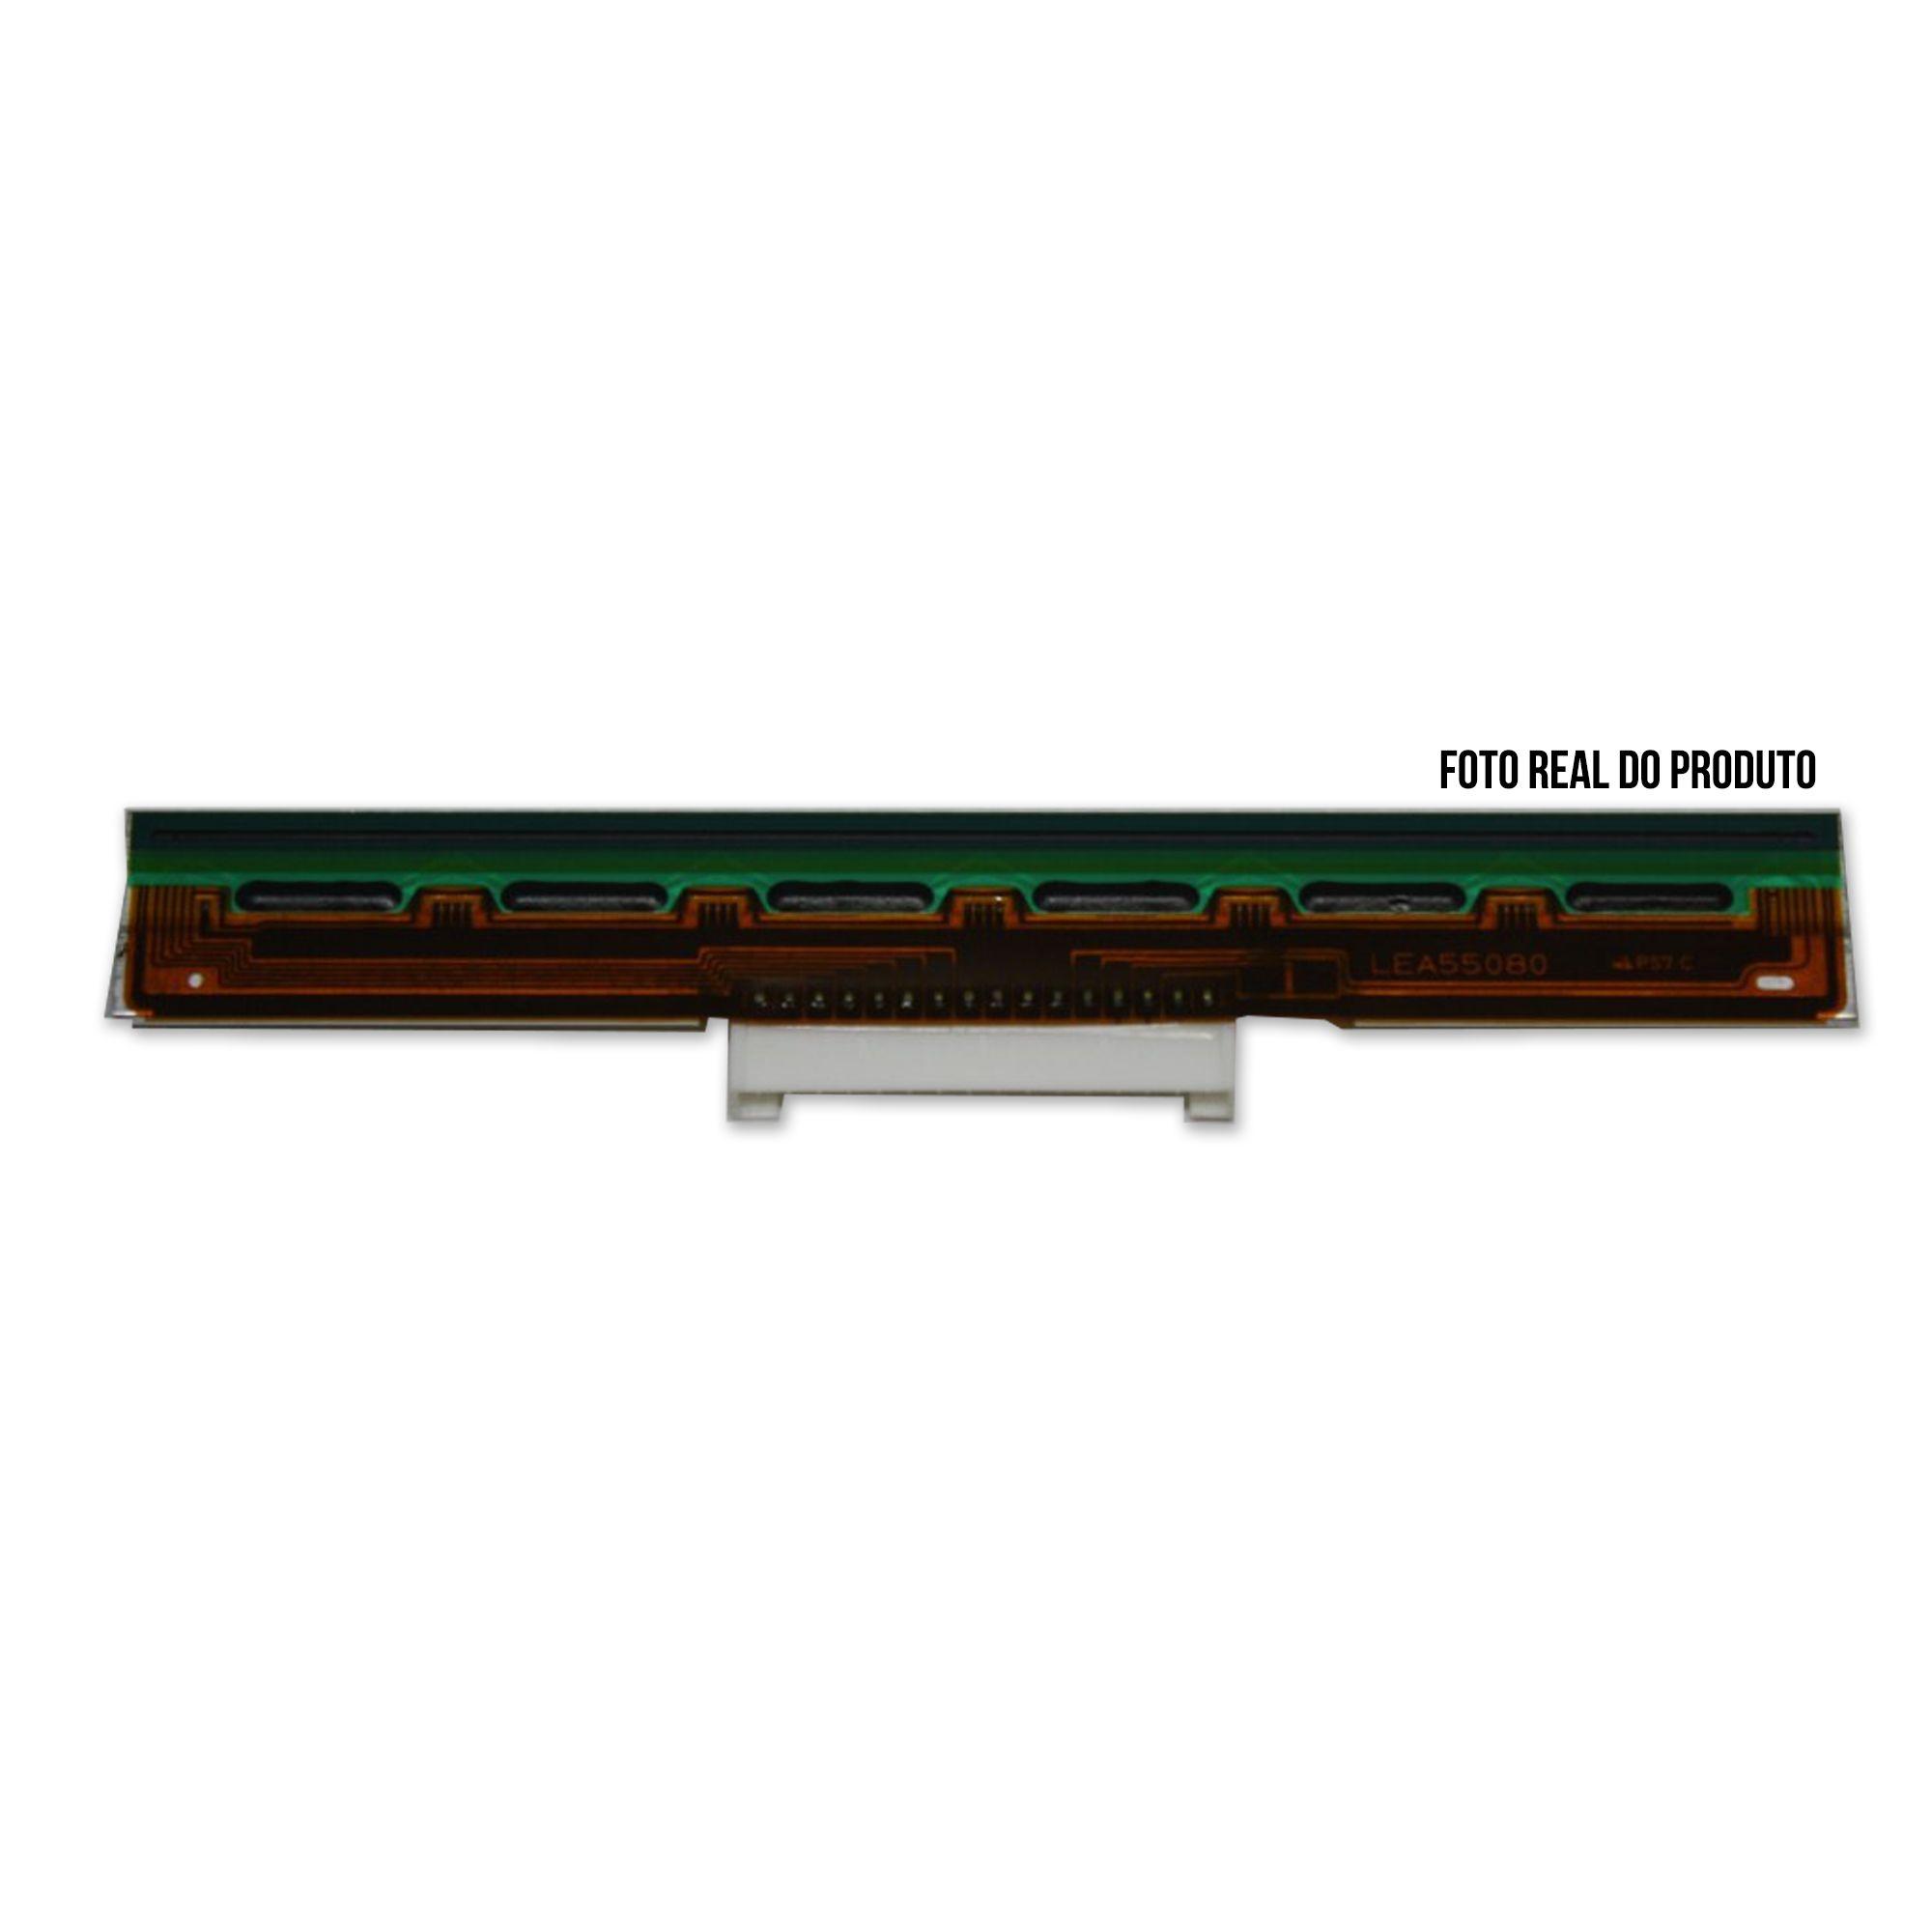 Cabeça de Impressão Datamax E4205 / E4204 / E4203 PN 20-2192-01